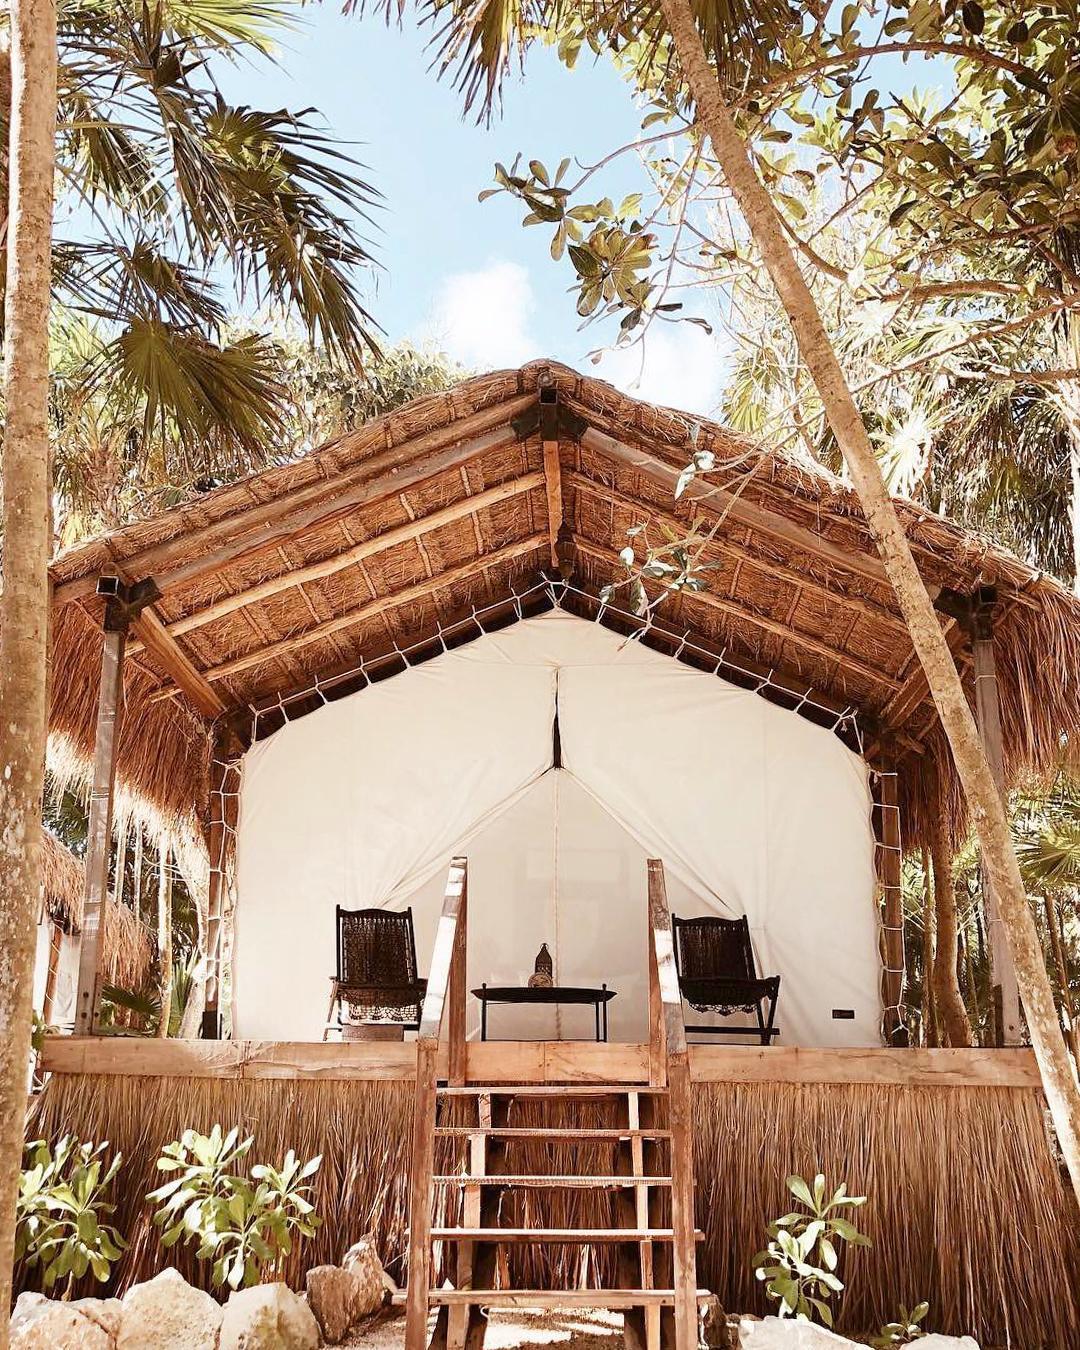 浪漫的野外露营 帐篷酒店哈比塔图卢姆